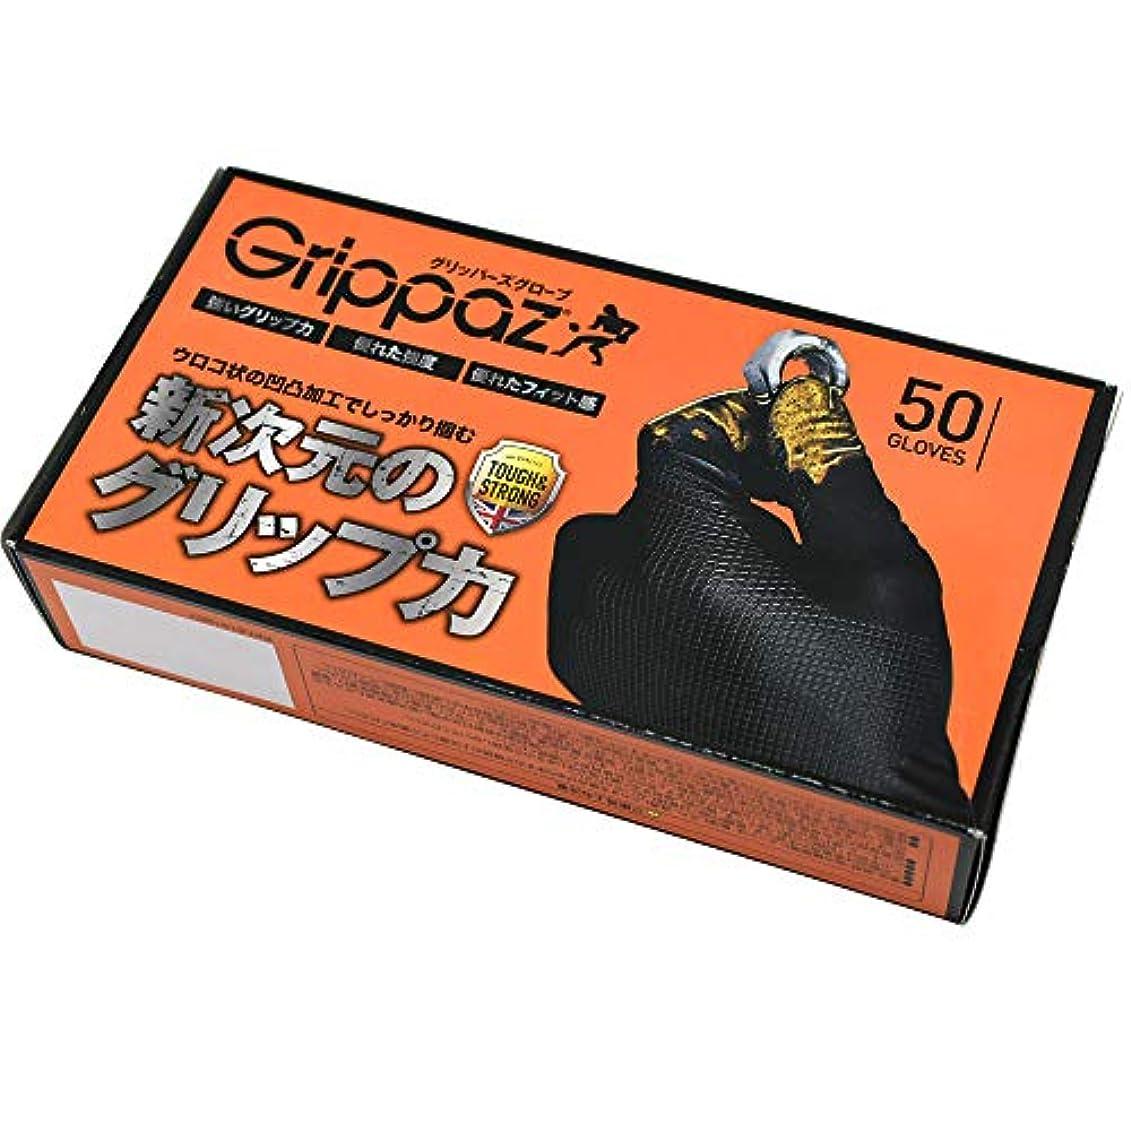 違反怠惰服原田産業 ニトリル手袋 グリッパーズグローブ 50枚入 Mサイズ パウダーフリー 左右兼用 自動車整備 メンテナンス